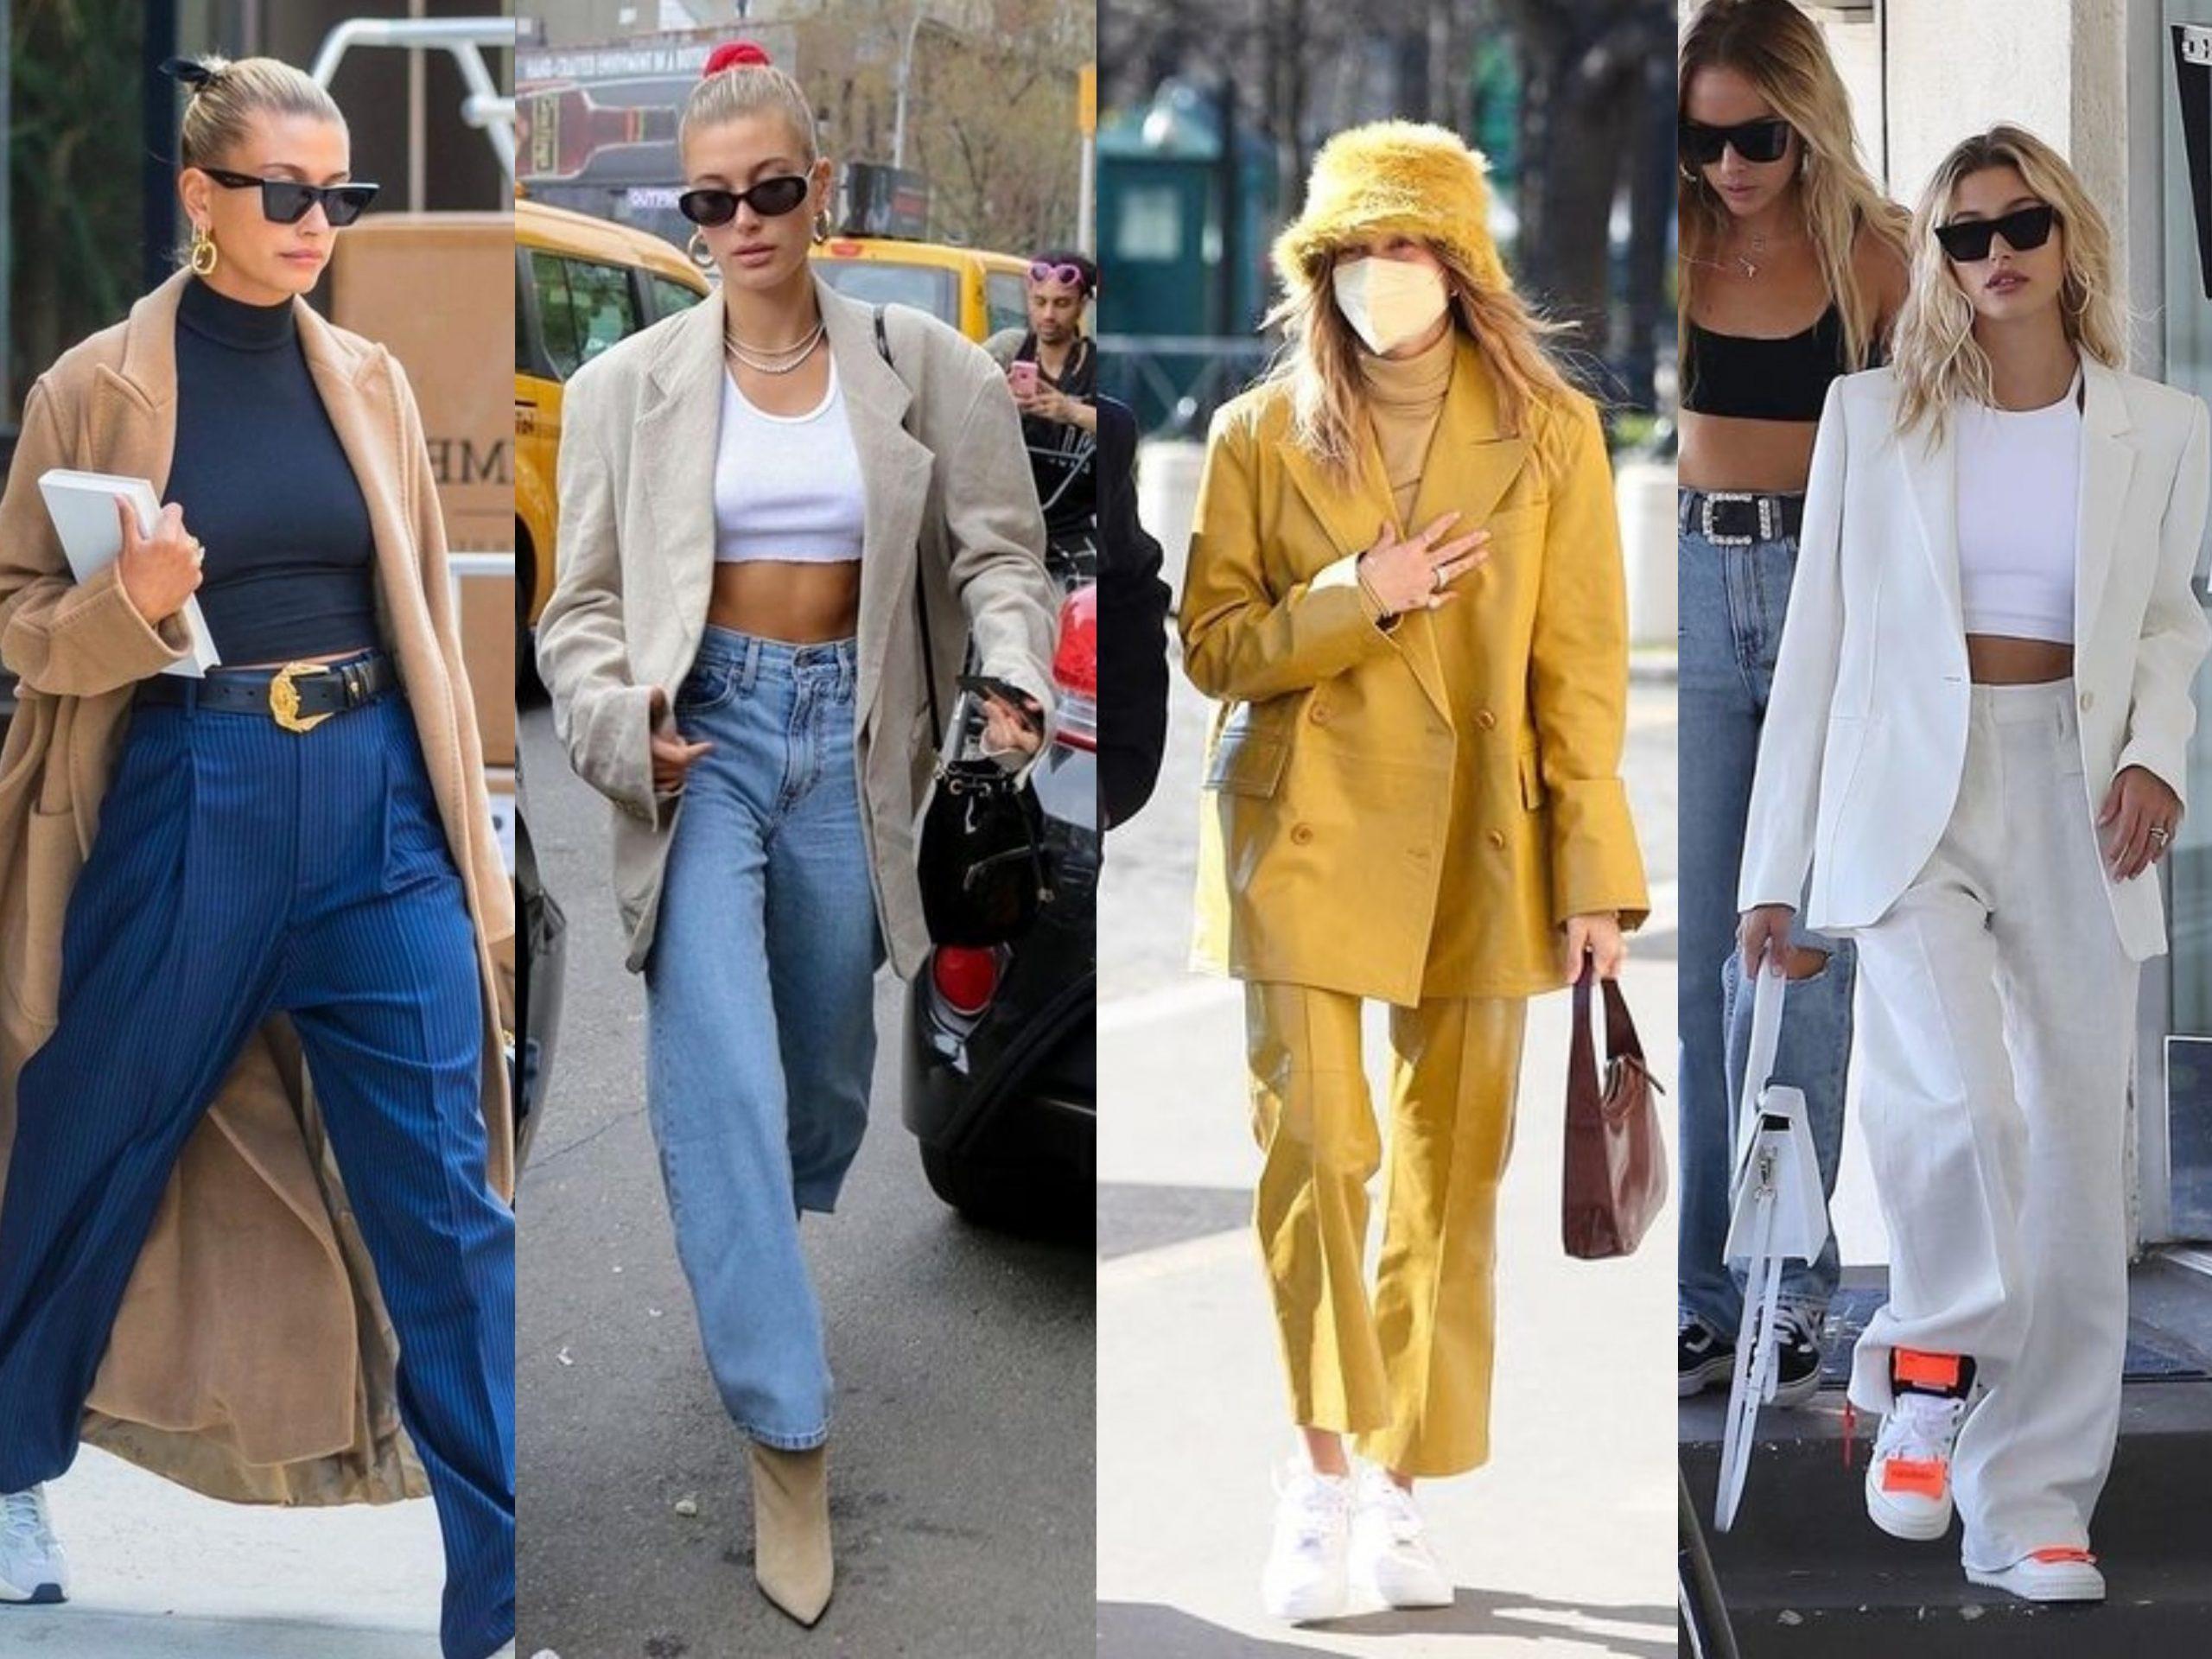 Hailey Baldwin Bieber wearing suit styles